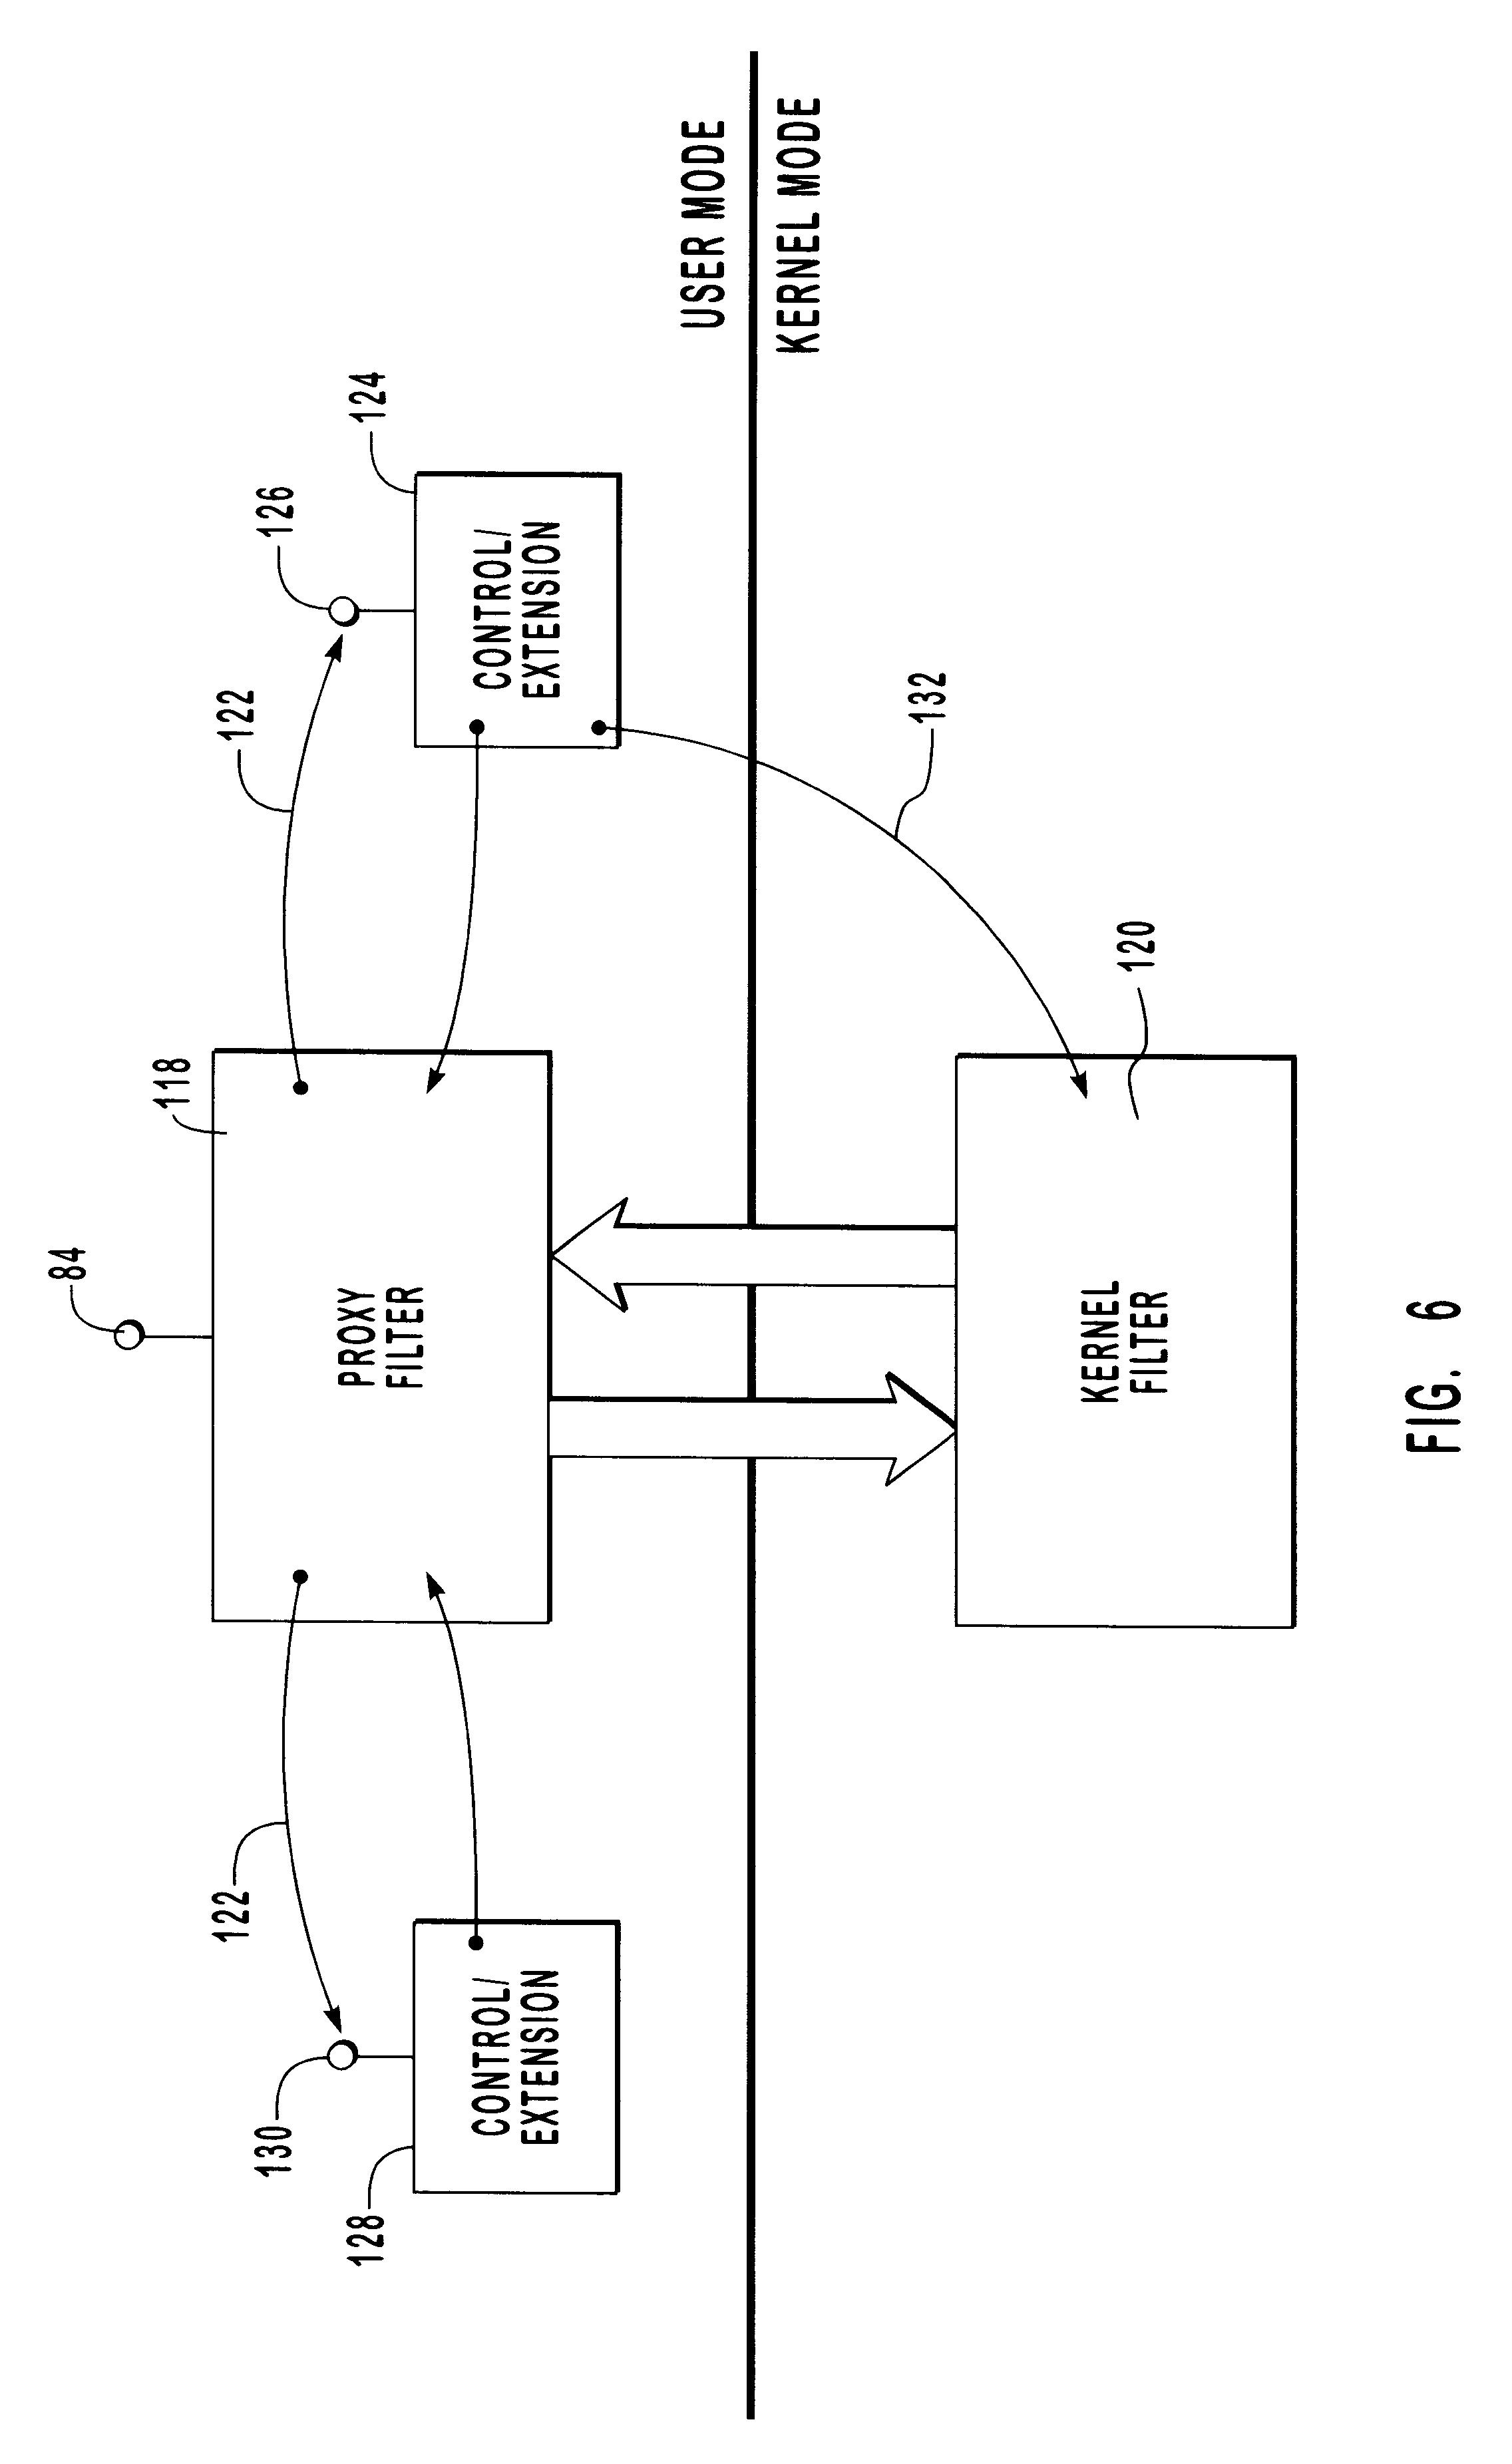 patent us6212574